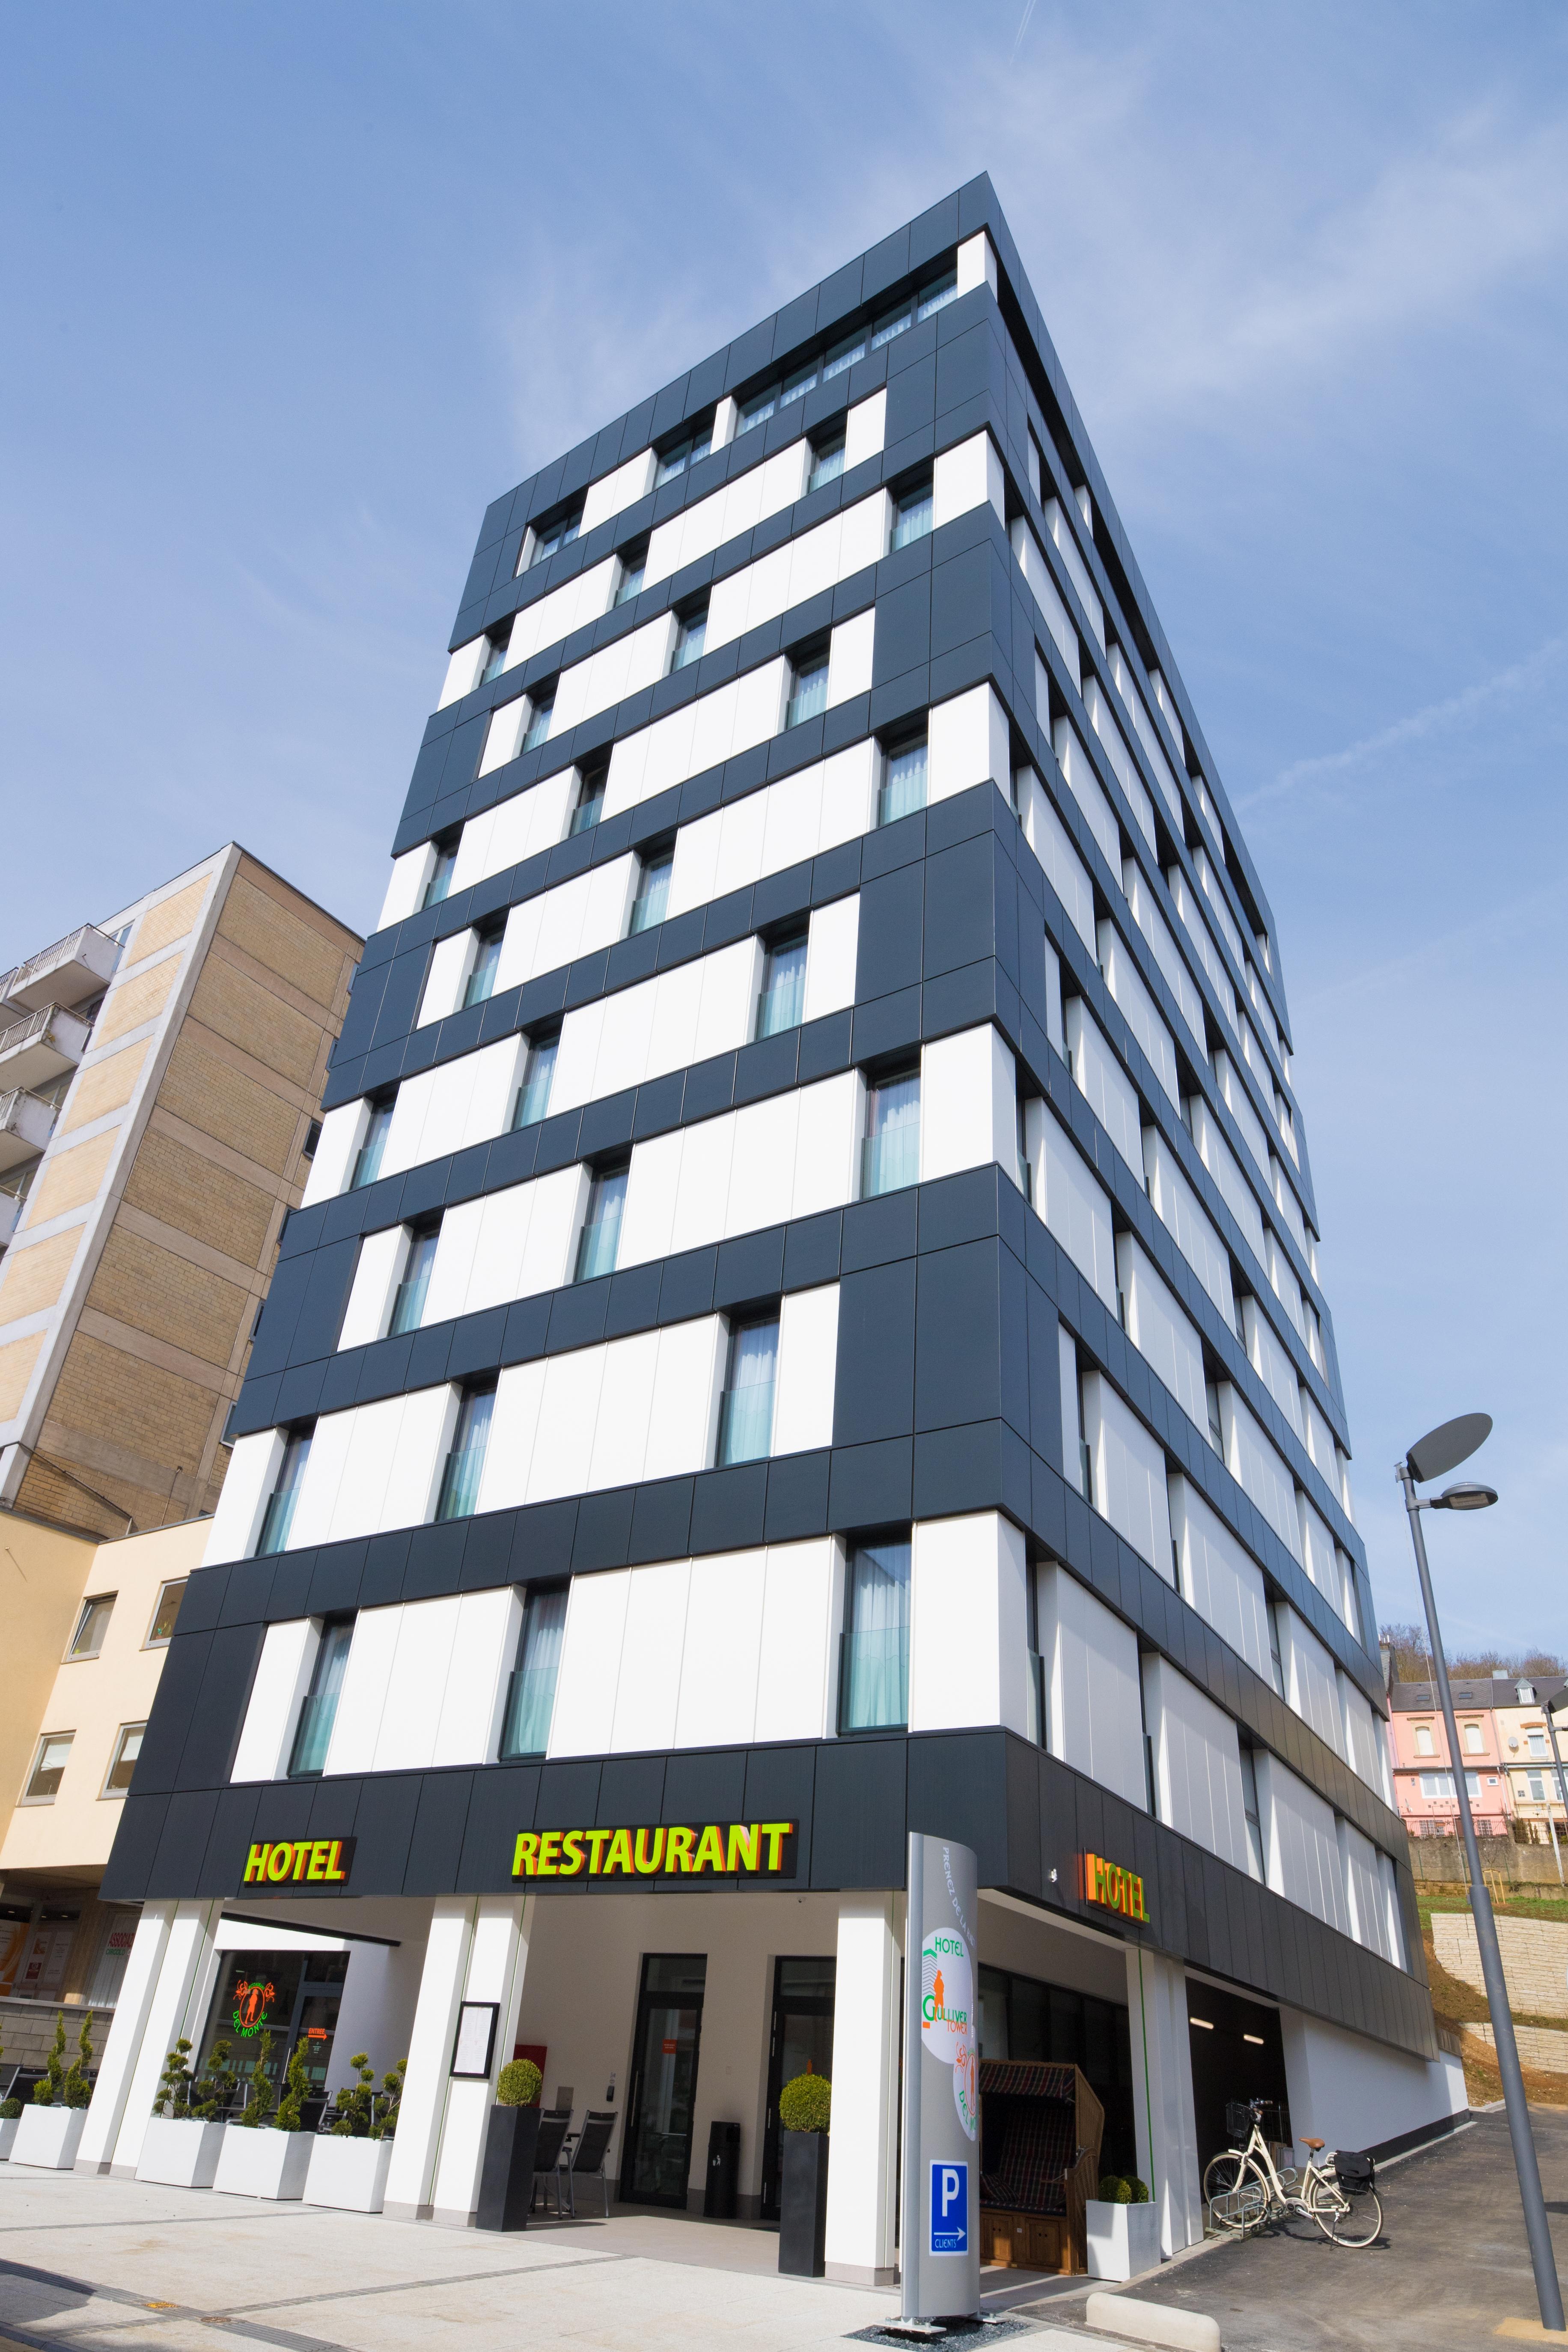 Gulliver Tower Hotel, Esch-sur-Alzette